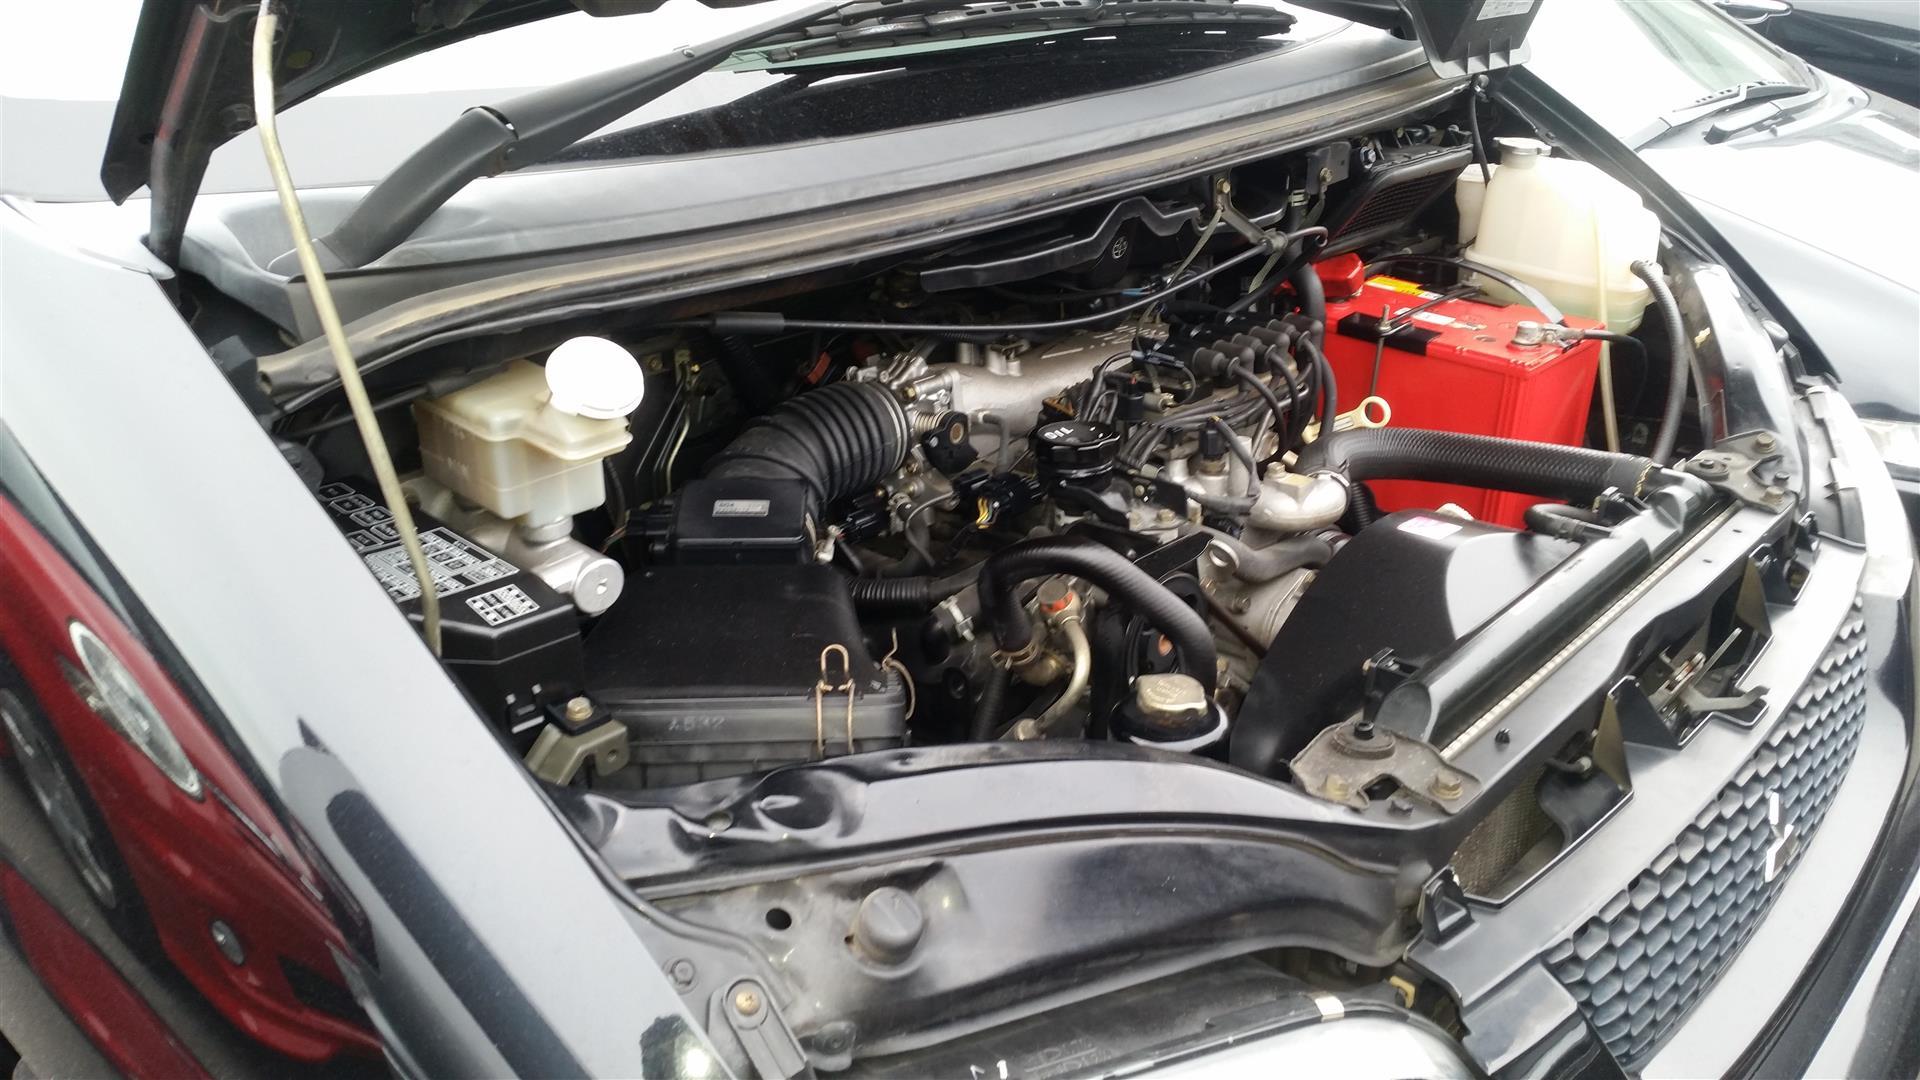 2003 Mitsubishi Delica PD6W Chamonix 7-seater 12